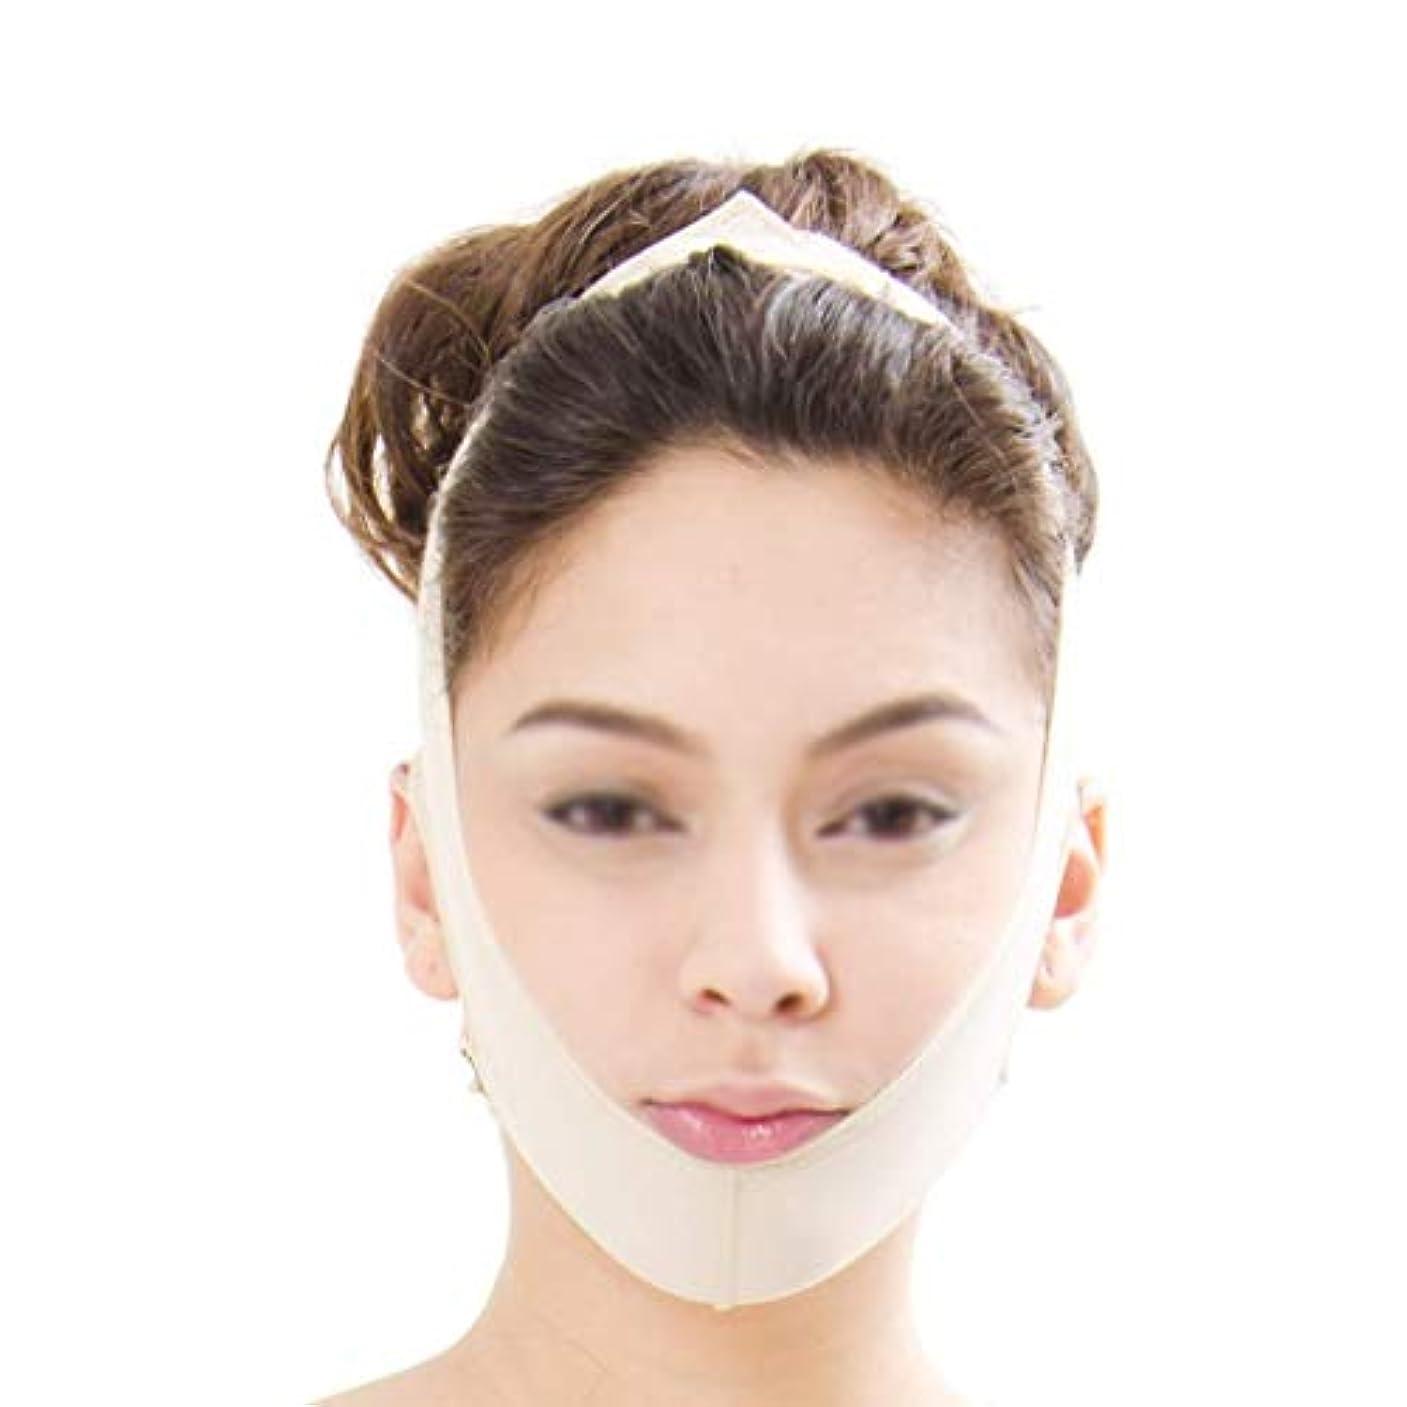 希少性ずんぐりした消えるフェイススリミングバンデージ、フェイスリフティングマスク、フェイスリフティングバンデージ、フェイシャル減量マスク、ダブルチンケア減量(サイズ:M),S